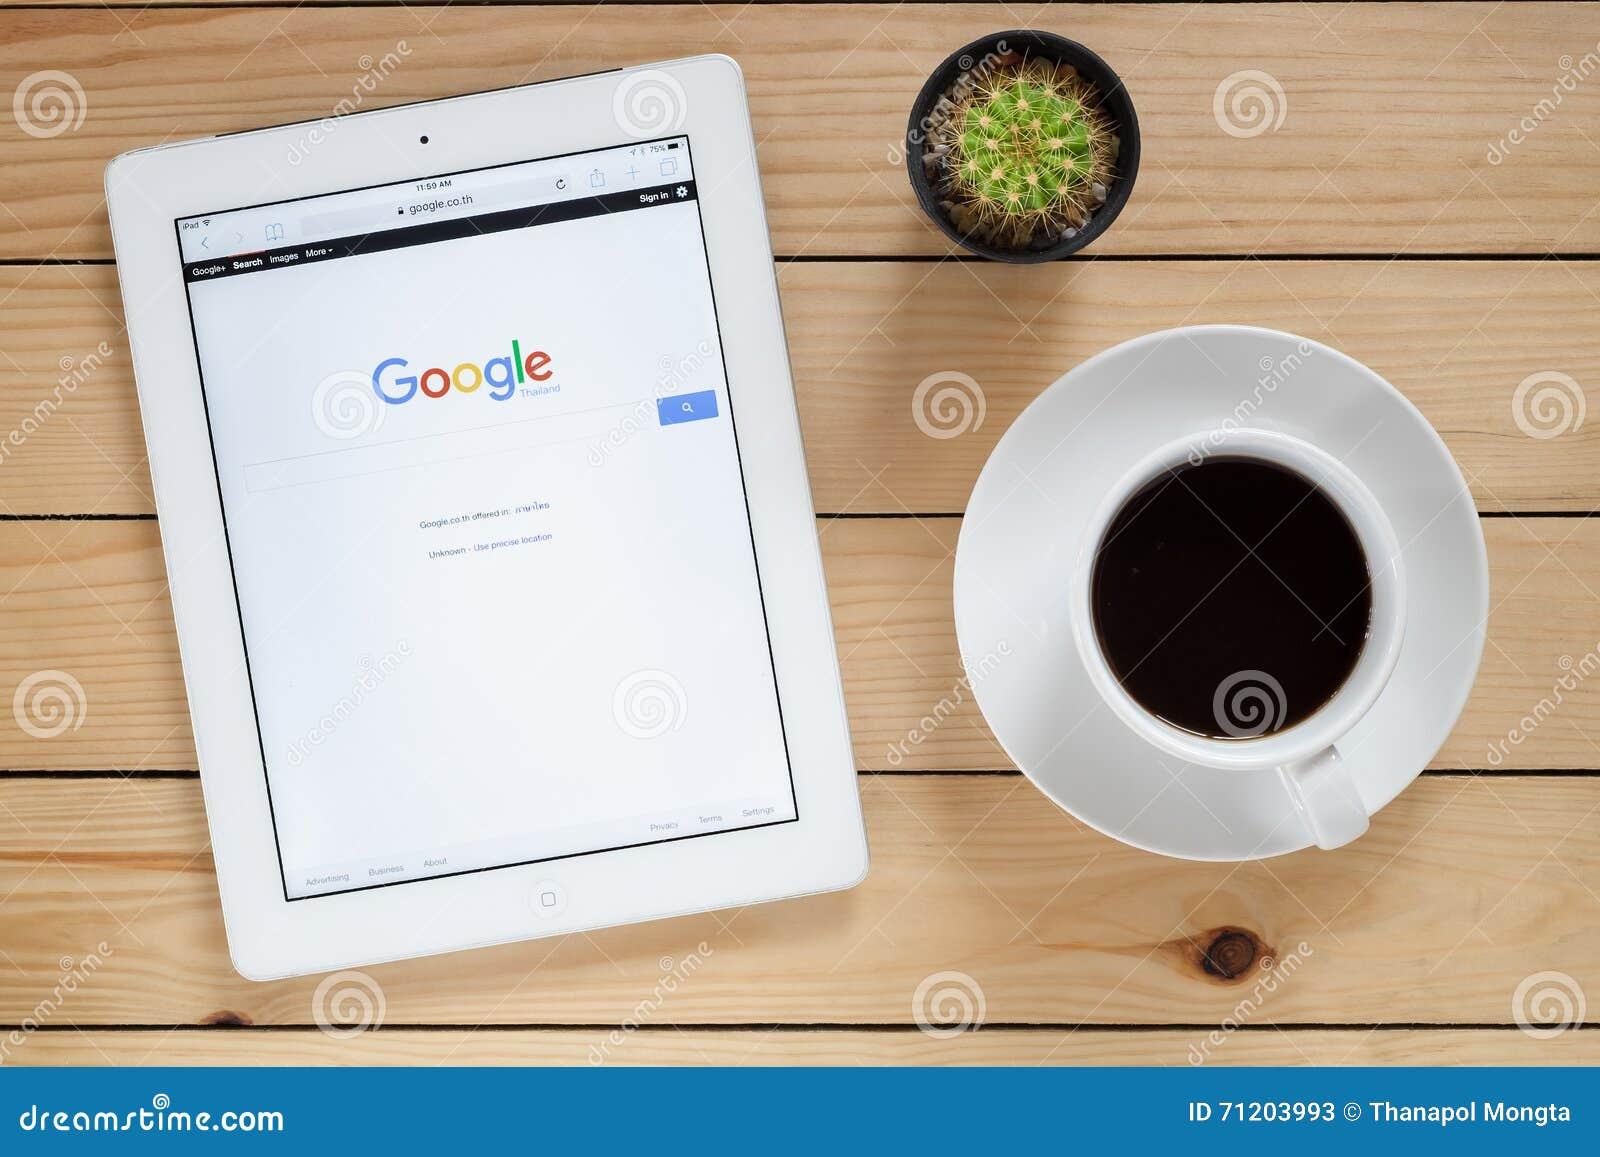 IPad 4 open google website